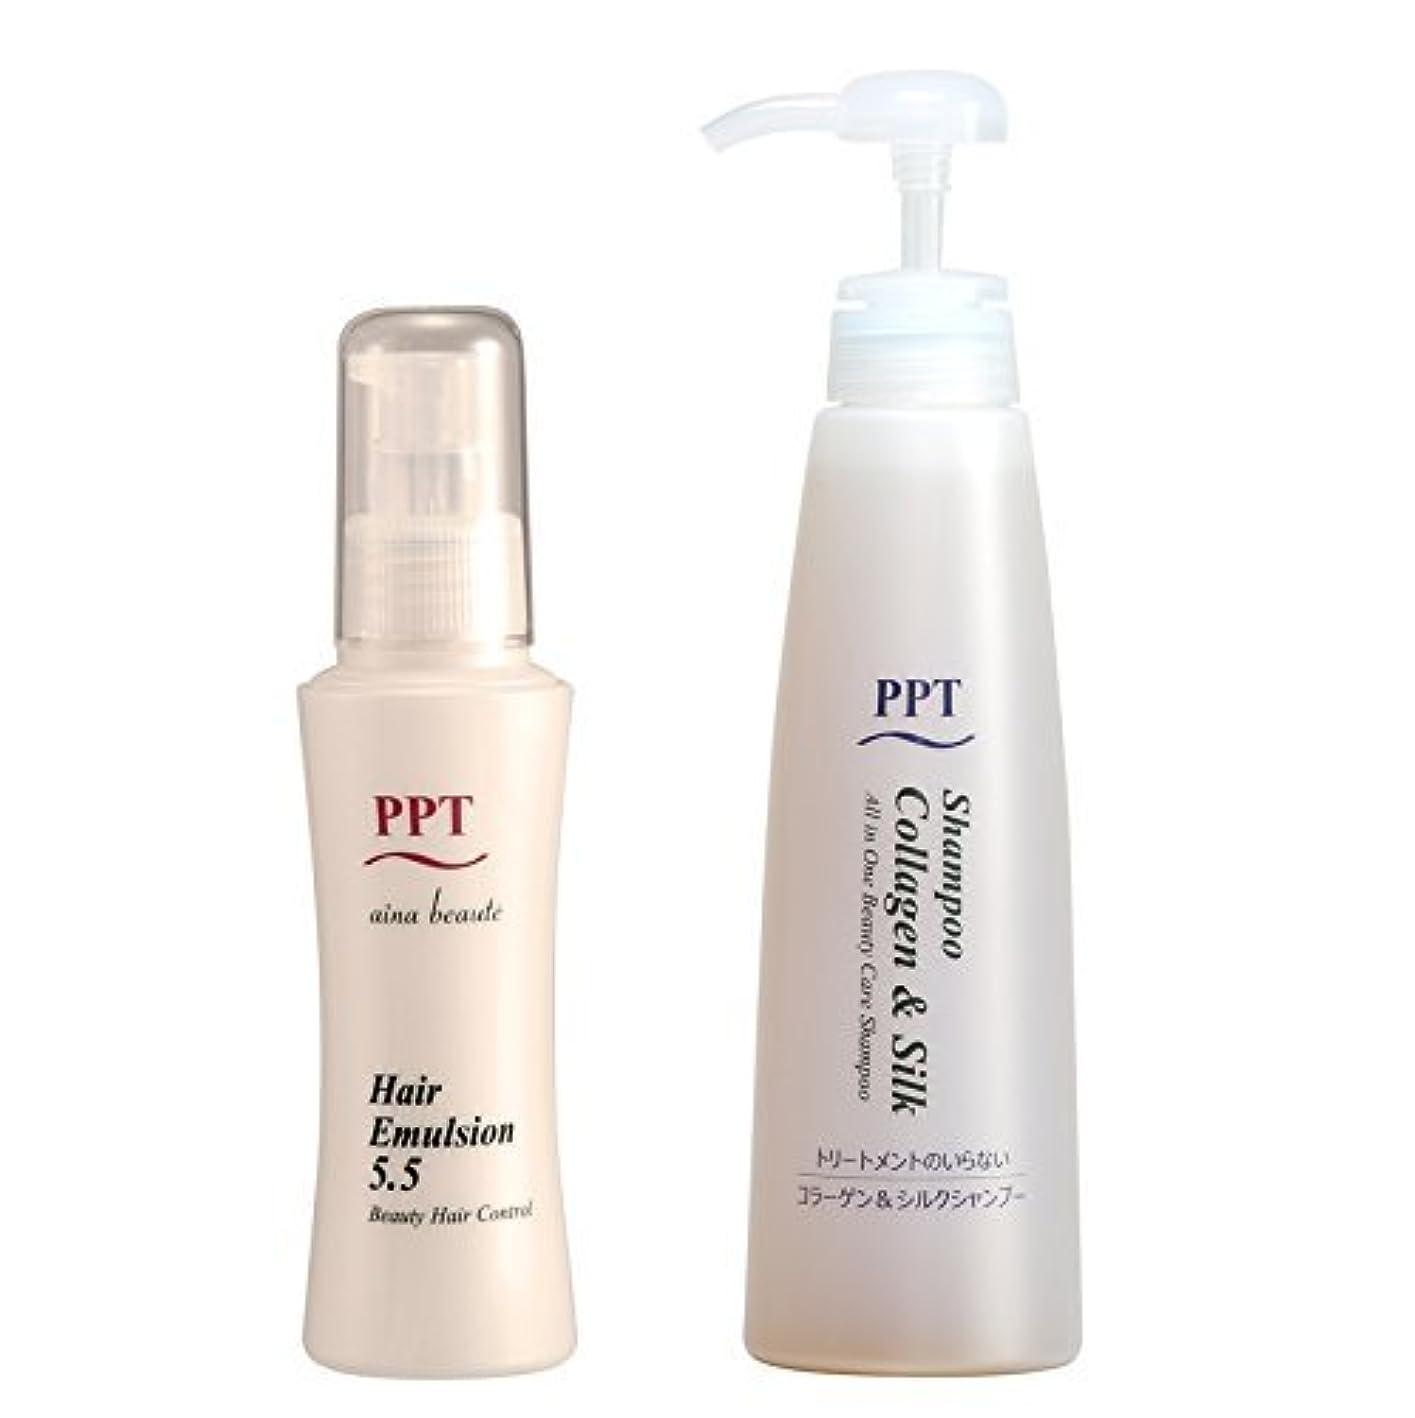 経済生産的モックトリートメント不要 PPTコラーゲン&シルクシャンプー脂性肌~普通肌用(ふんわり)、PPTヘアエマルジョン5.5セット